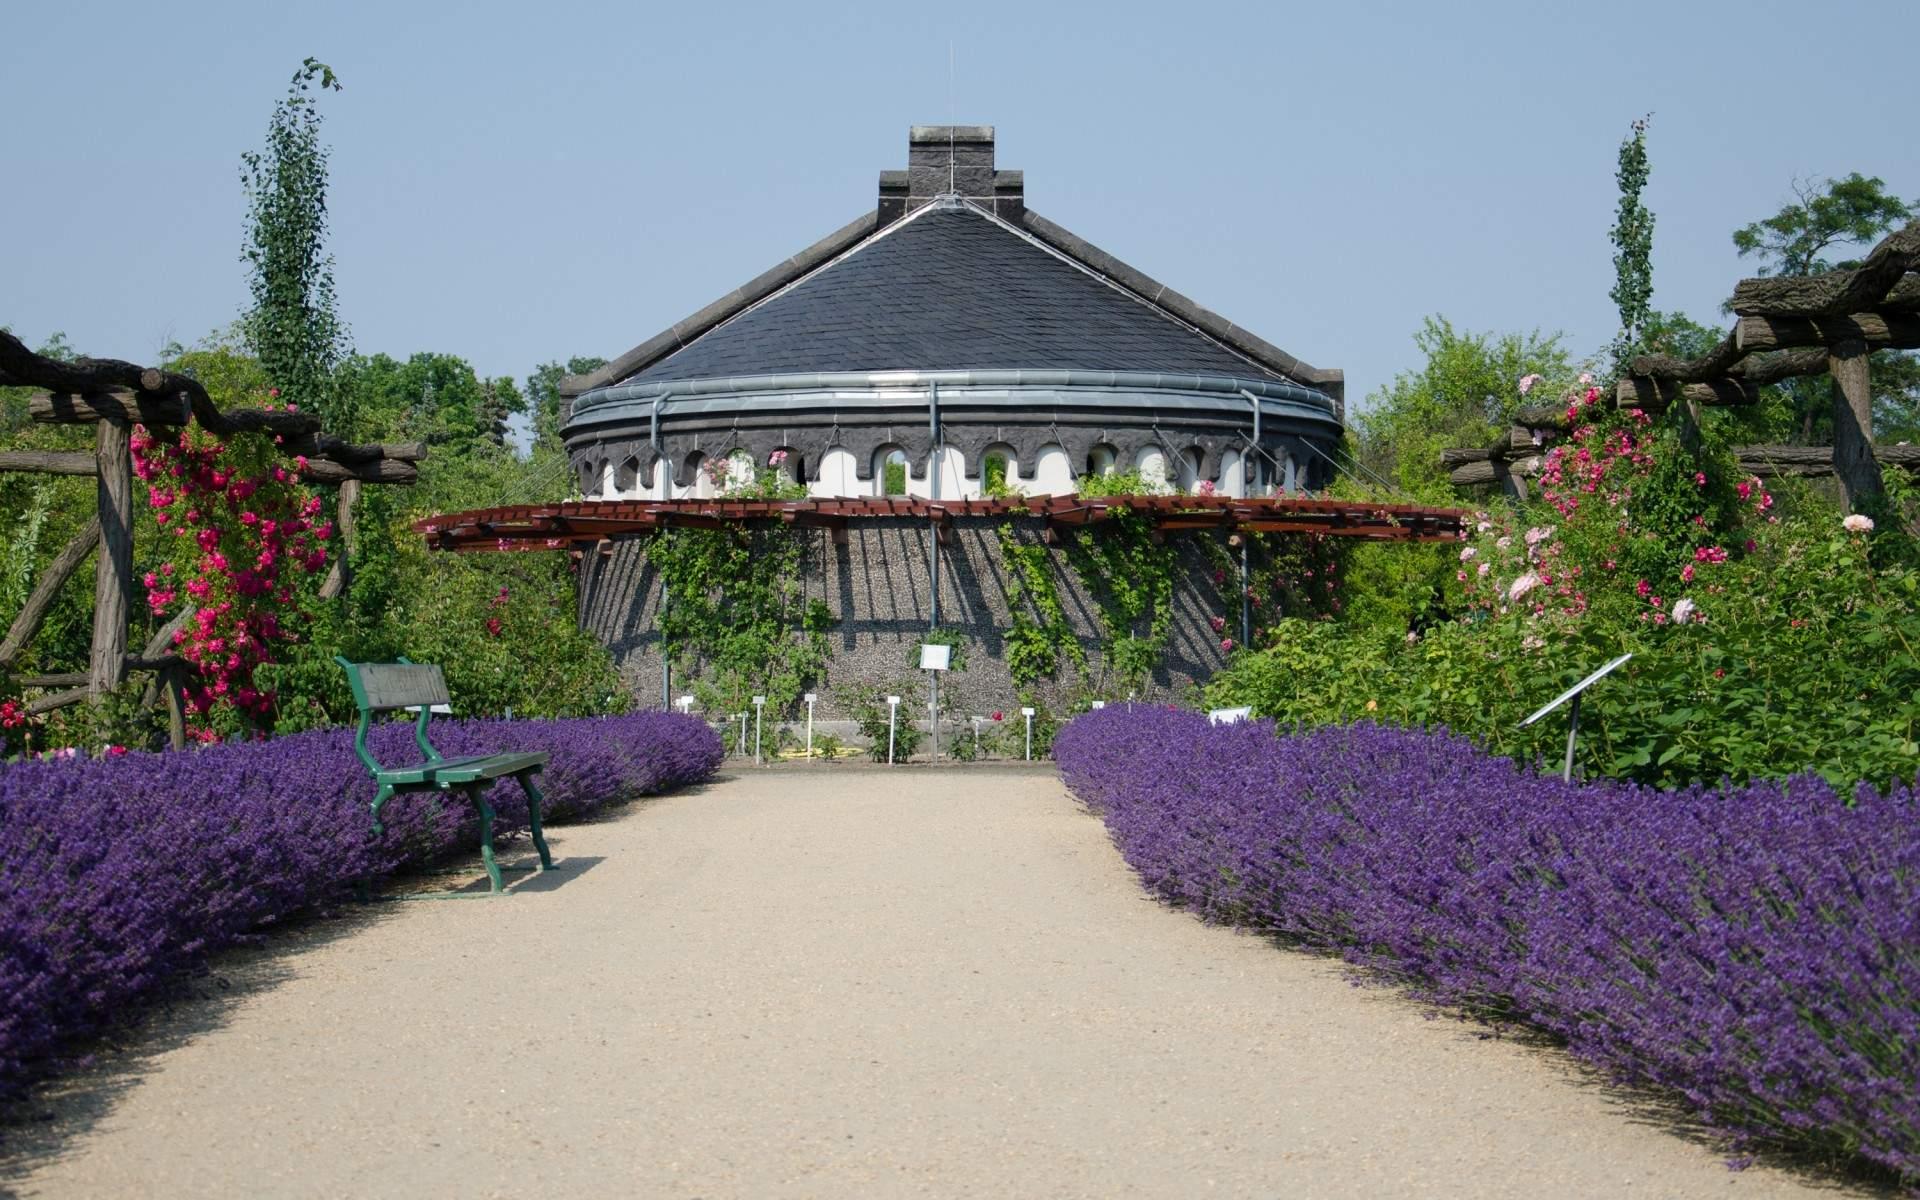 Botanischer Garten Berlin Inspirierend Botanischer Garten Berlin